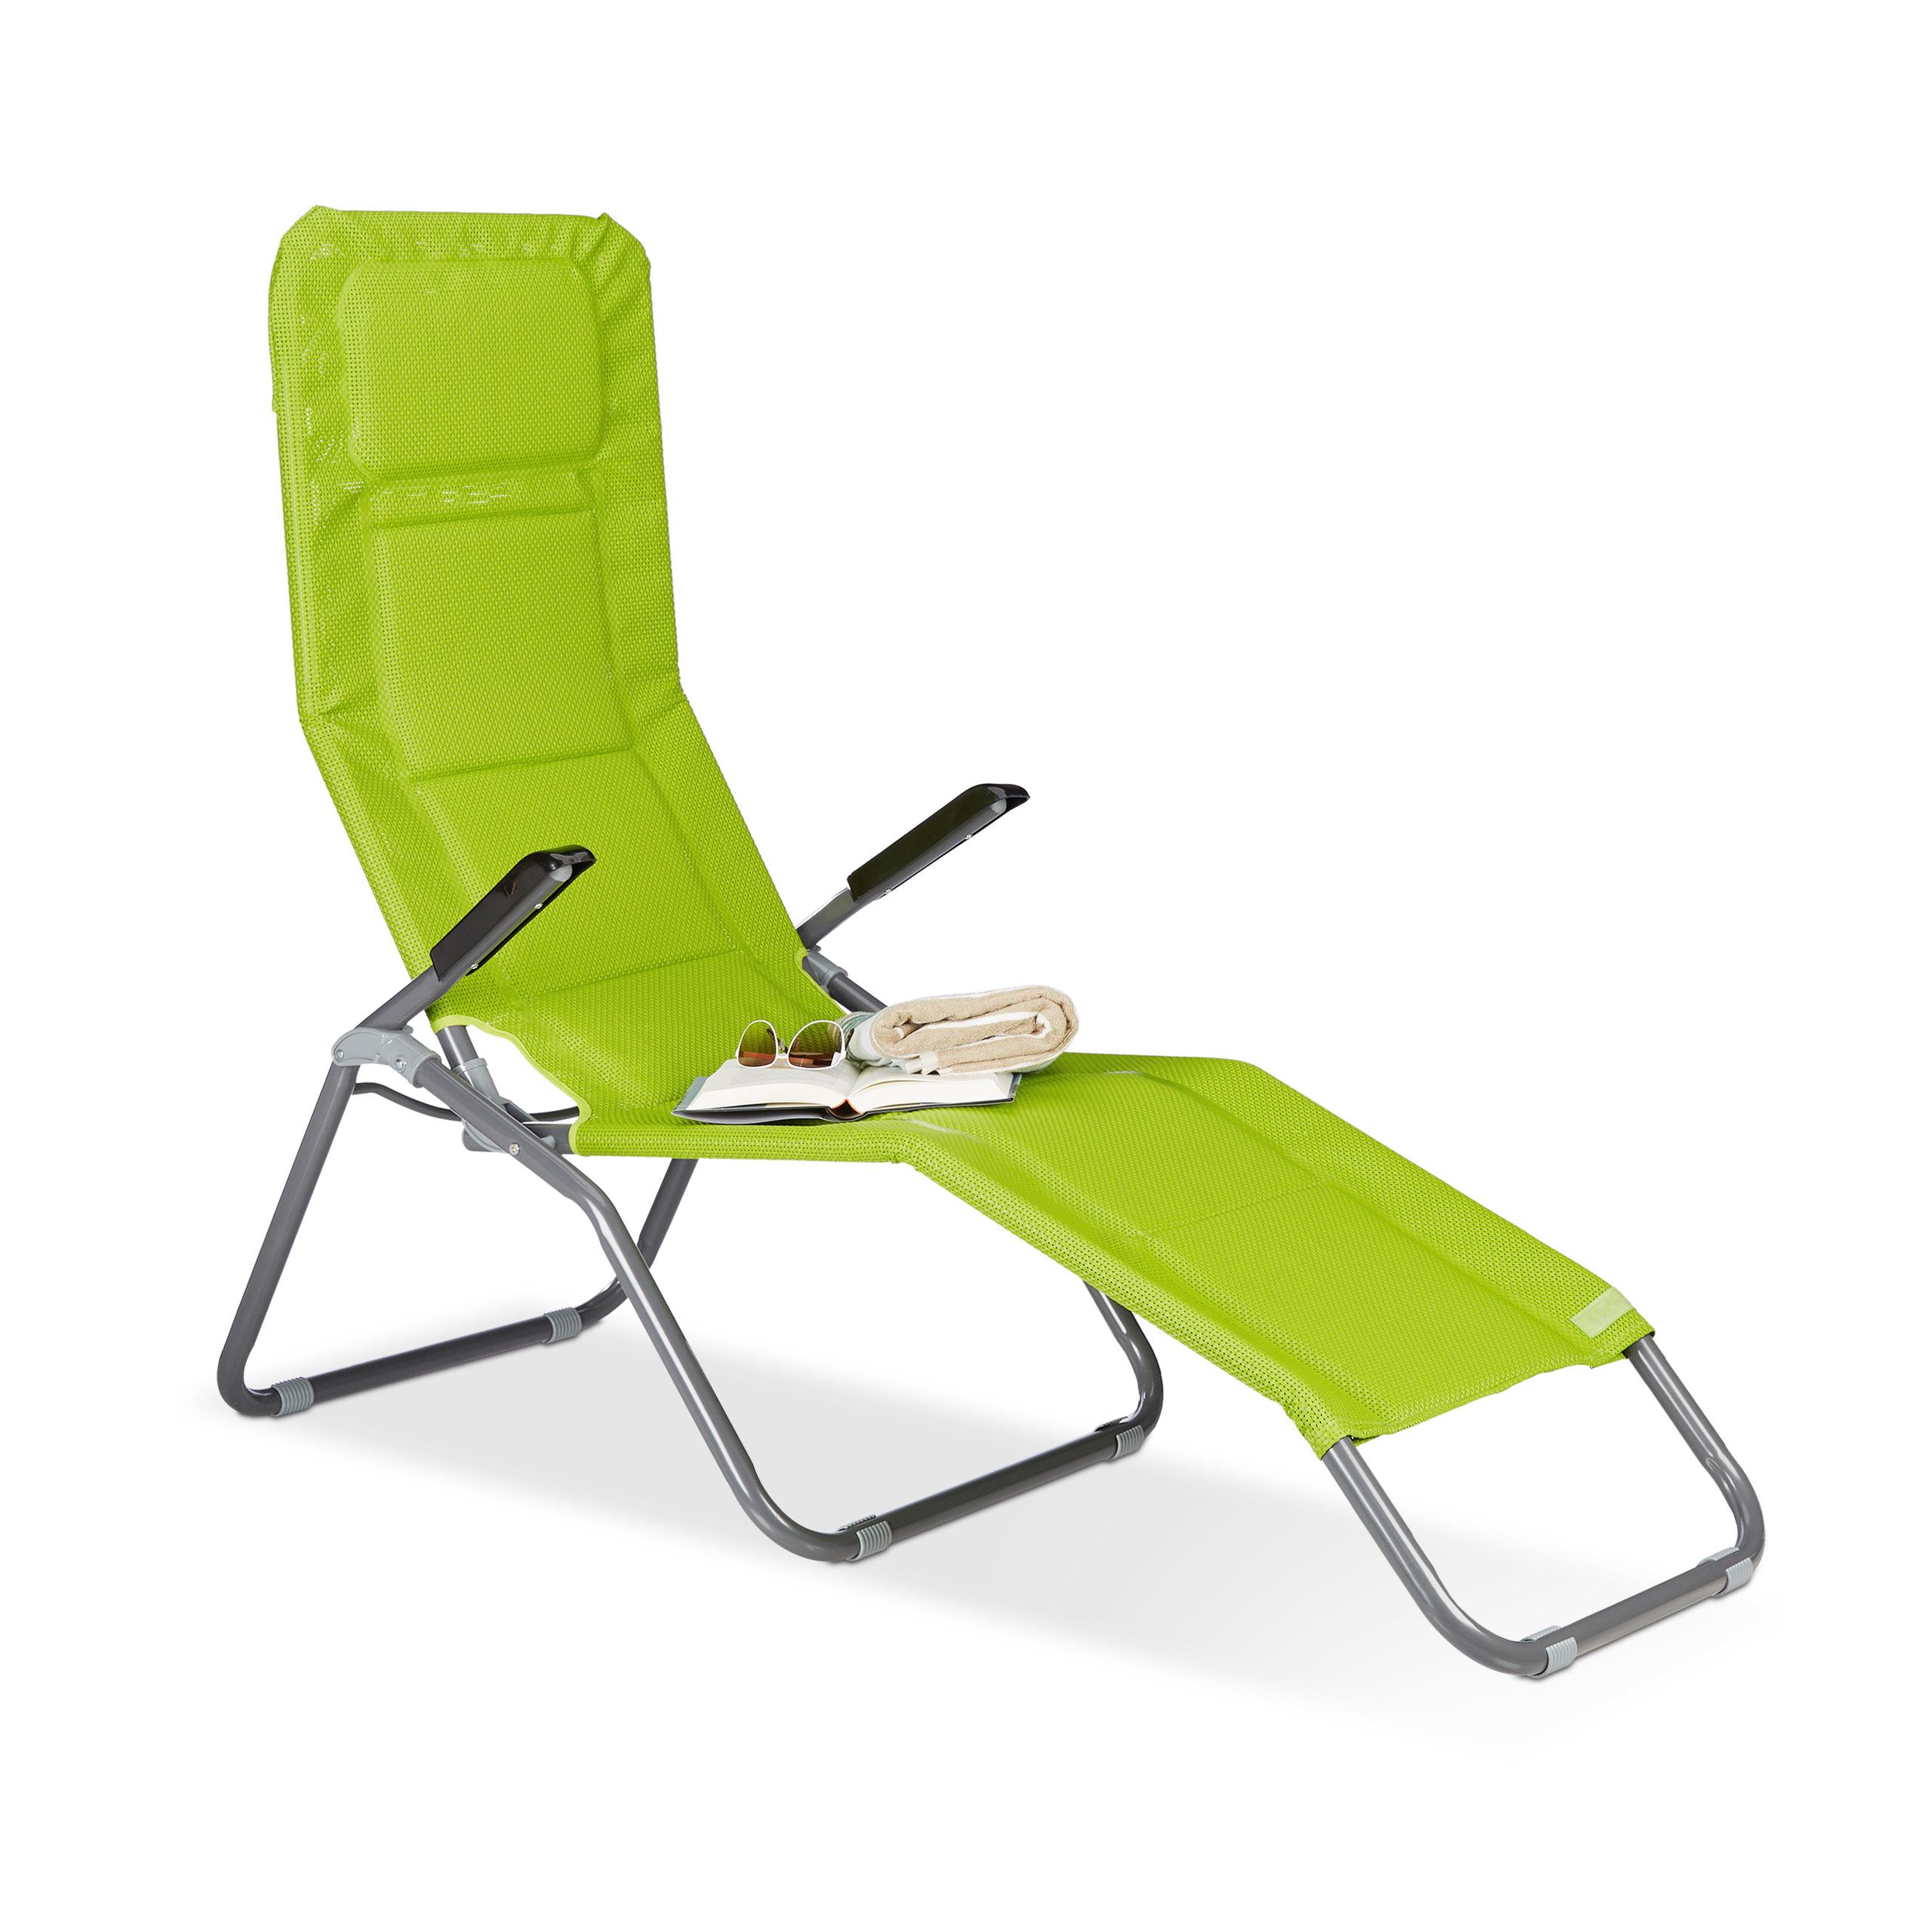 gartenliege xxl strandliege b derliege polster liege kippliege sonnenliege ebay. Black Bedroom Furniture Sets. Home Design Ideas